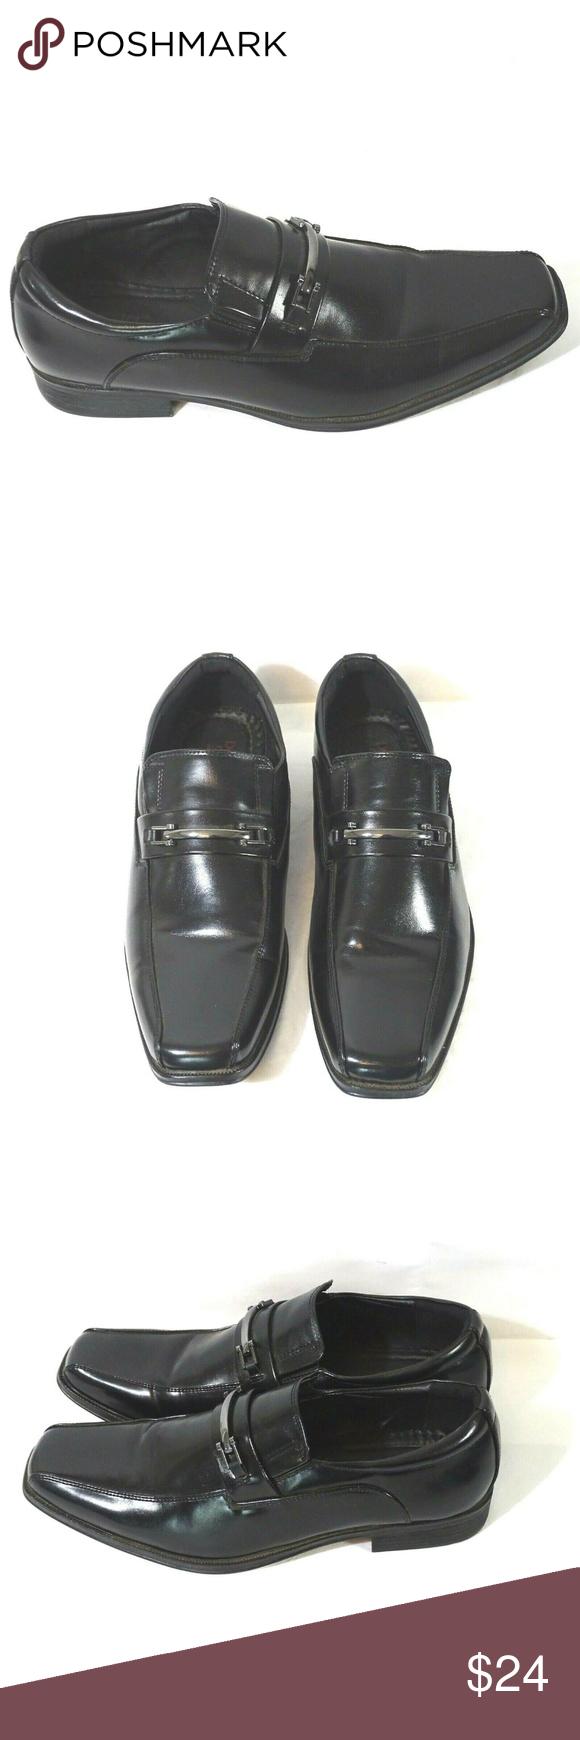 27++ Dexter dress shoes info